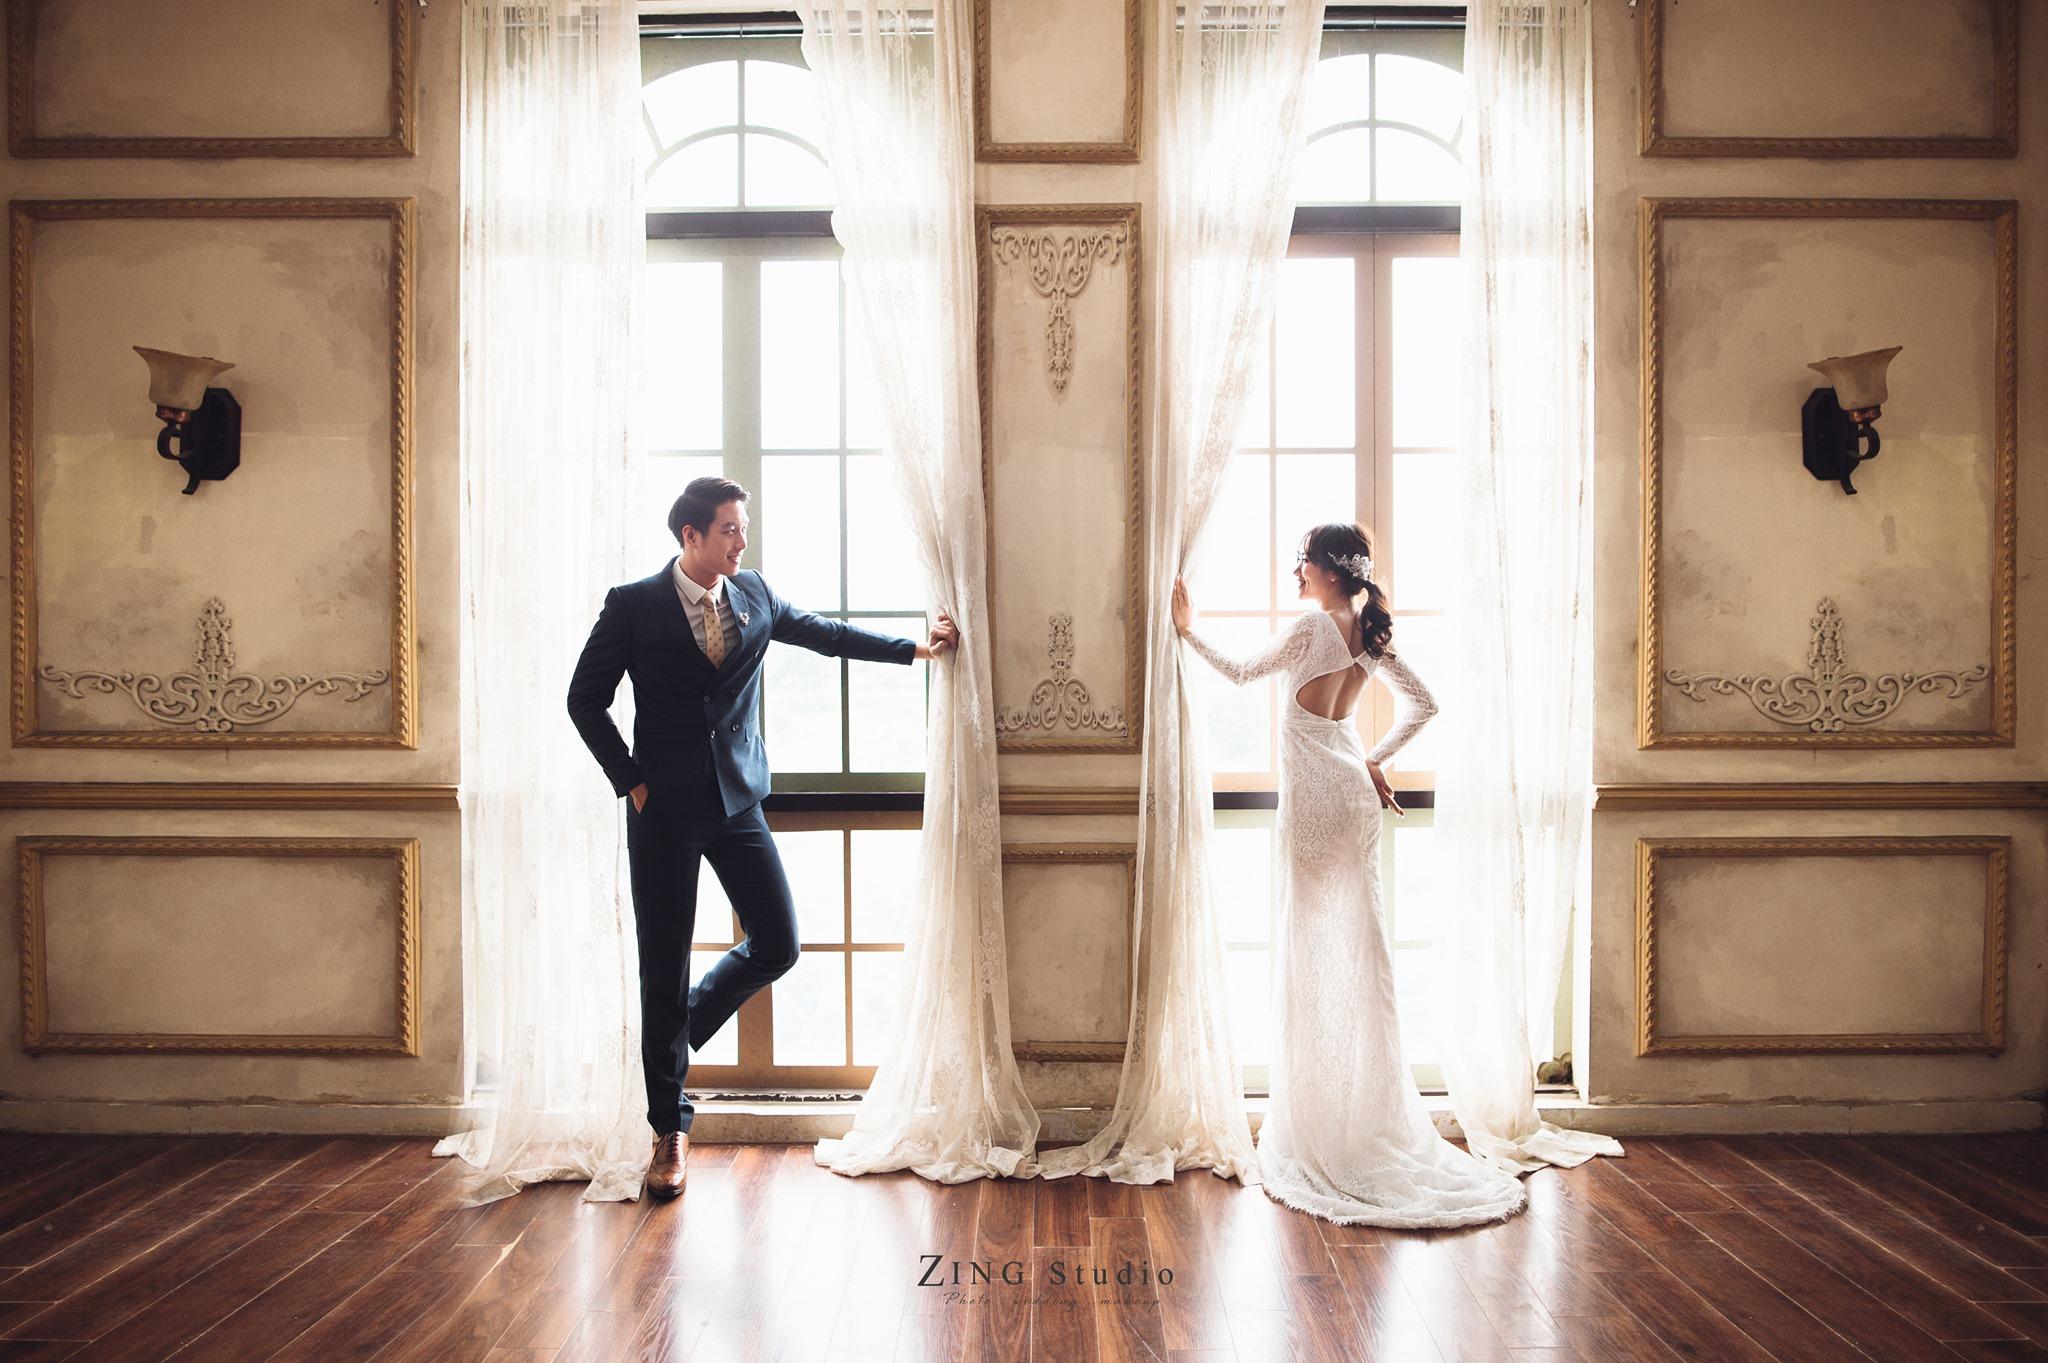 Zing Studio - Chụp ảnh cưới đẹp tại Bắc Giang